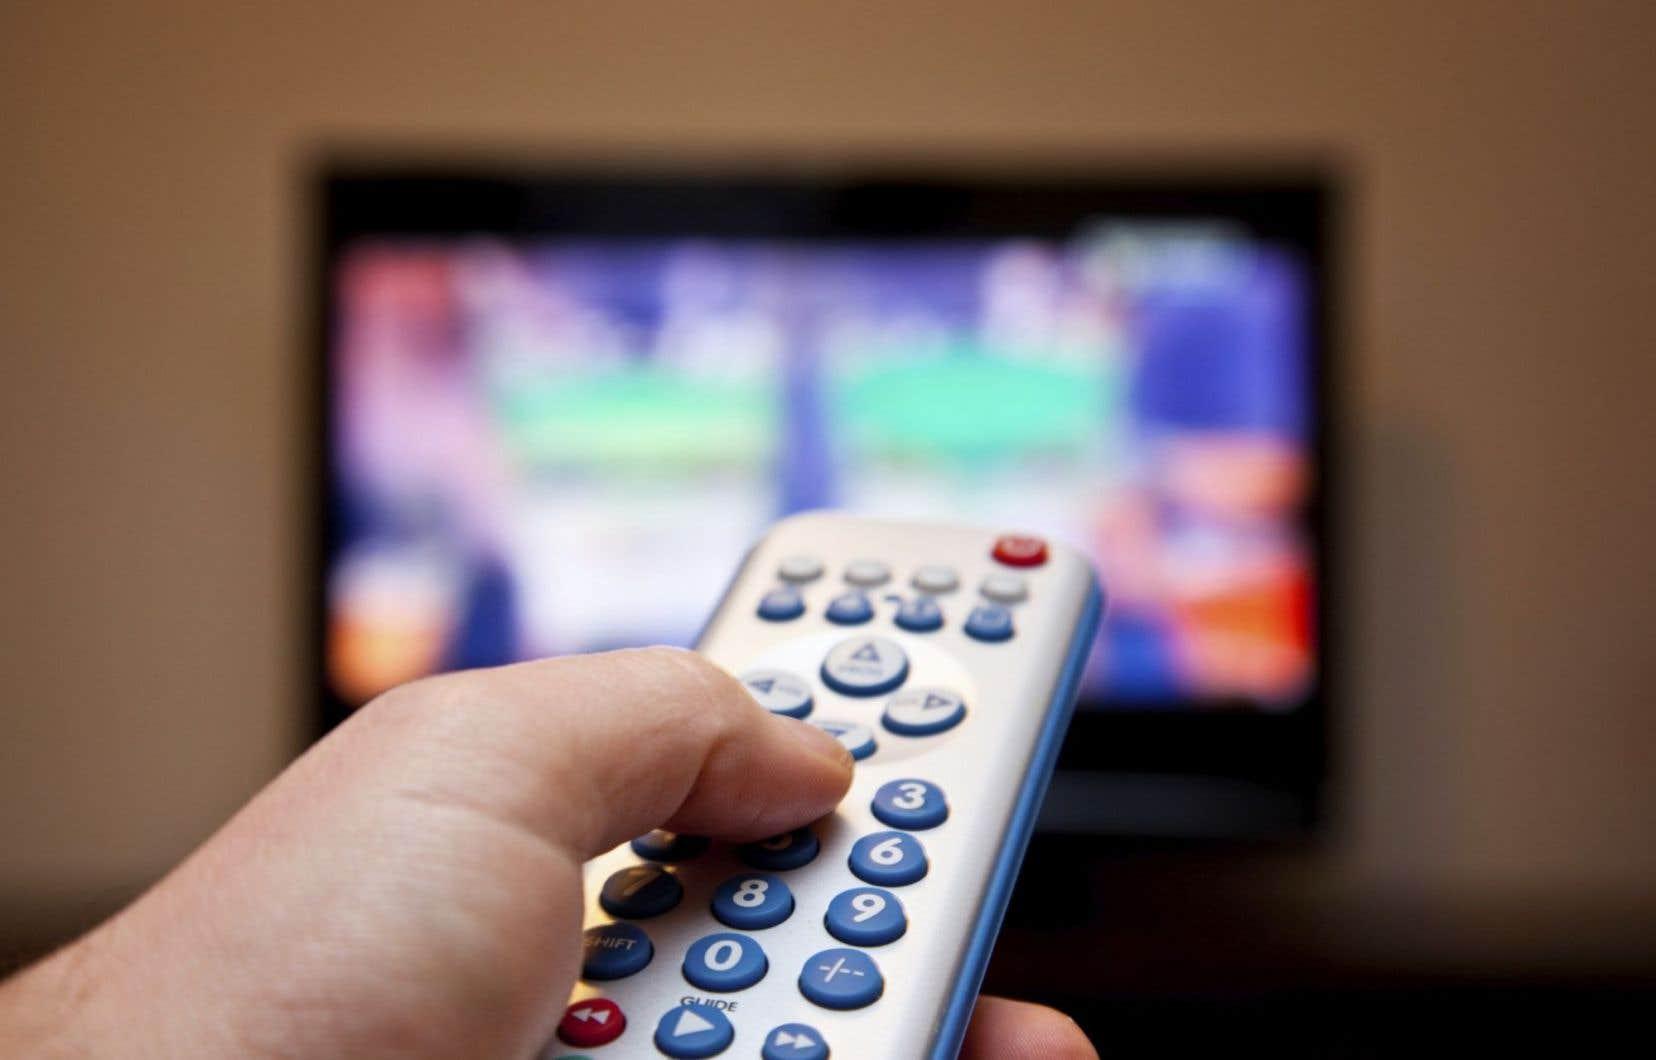 Le CRTC a établi une «feuille de route» qui doit «maximiser le choix et l'abordabilité» pour les téléspectateurs canadiens.